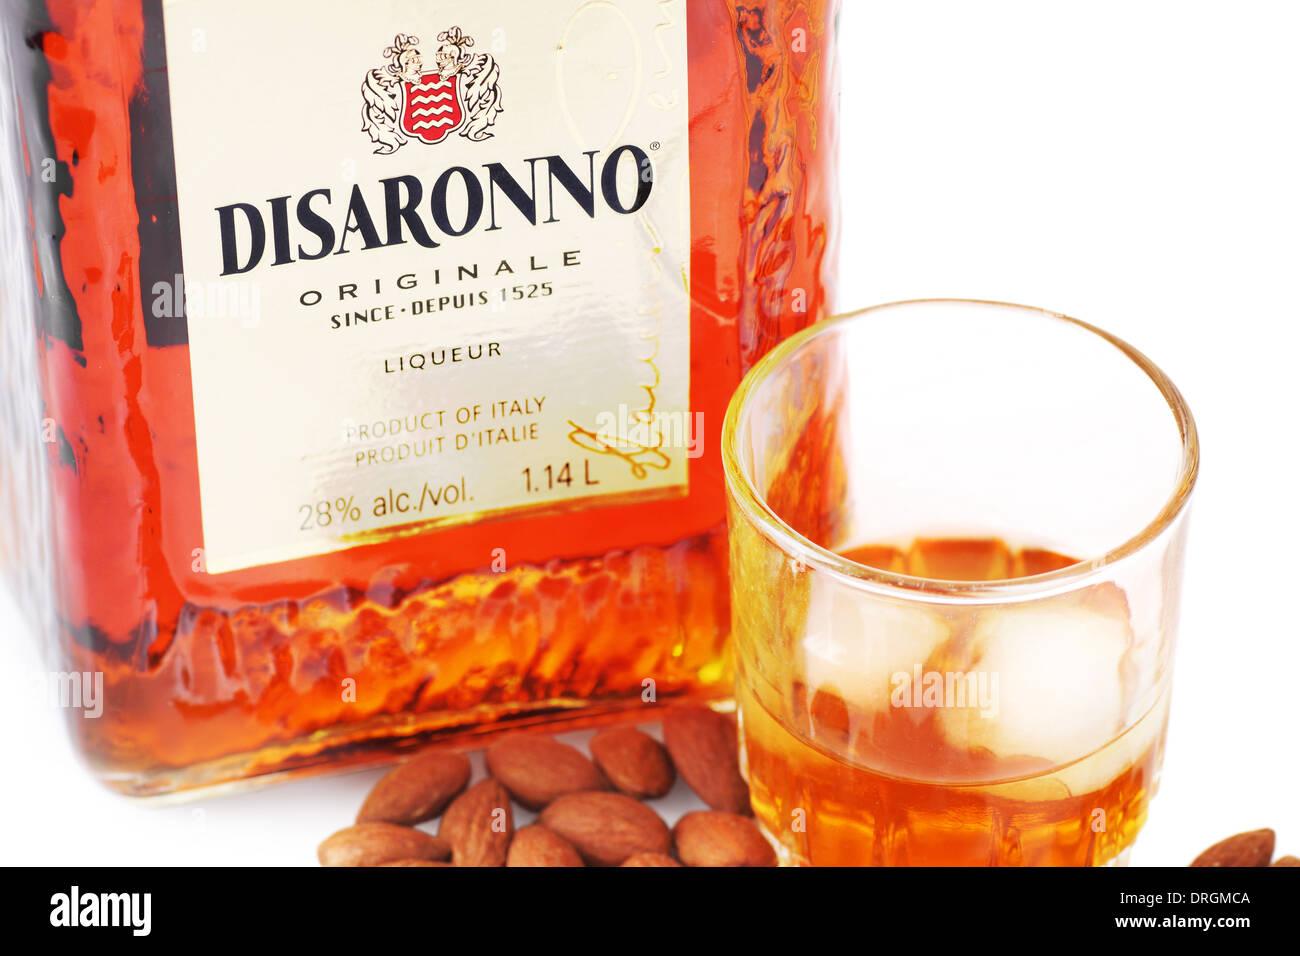 CANADA, QUÉBEC, JANVIER, 6, 2014: liqueur d'Amaretto Disaronno est un alcool aromatisé aux amandes importées d'Italie. Banque D'Images